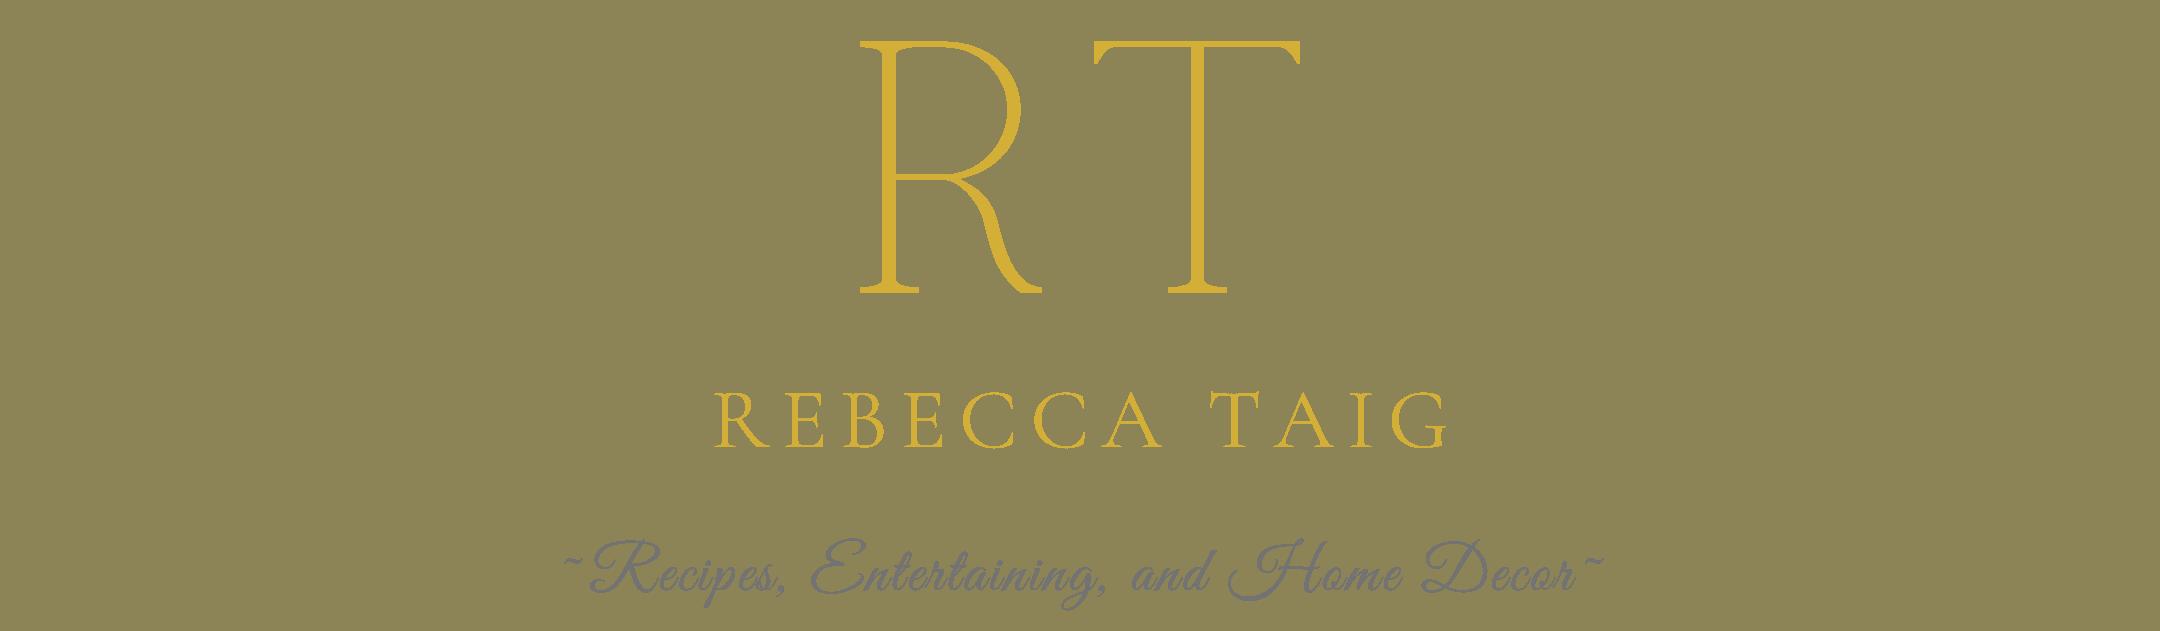 Rebecca Taig